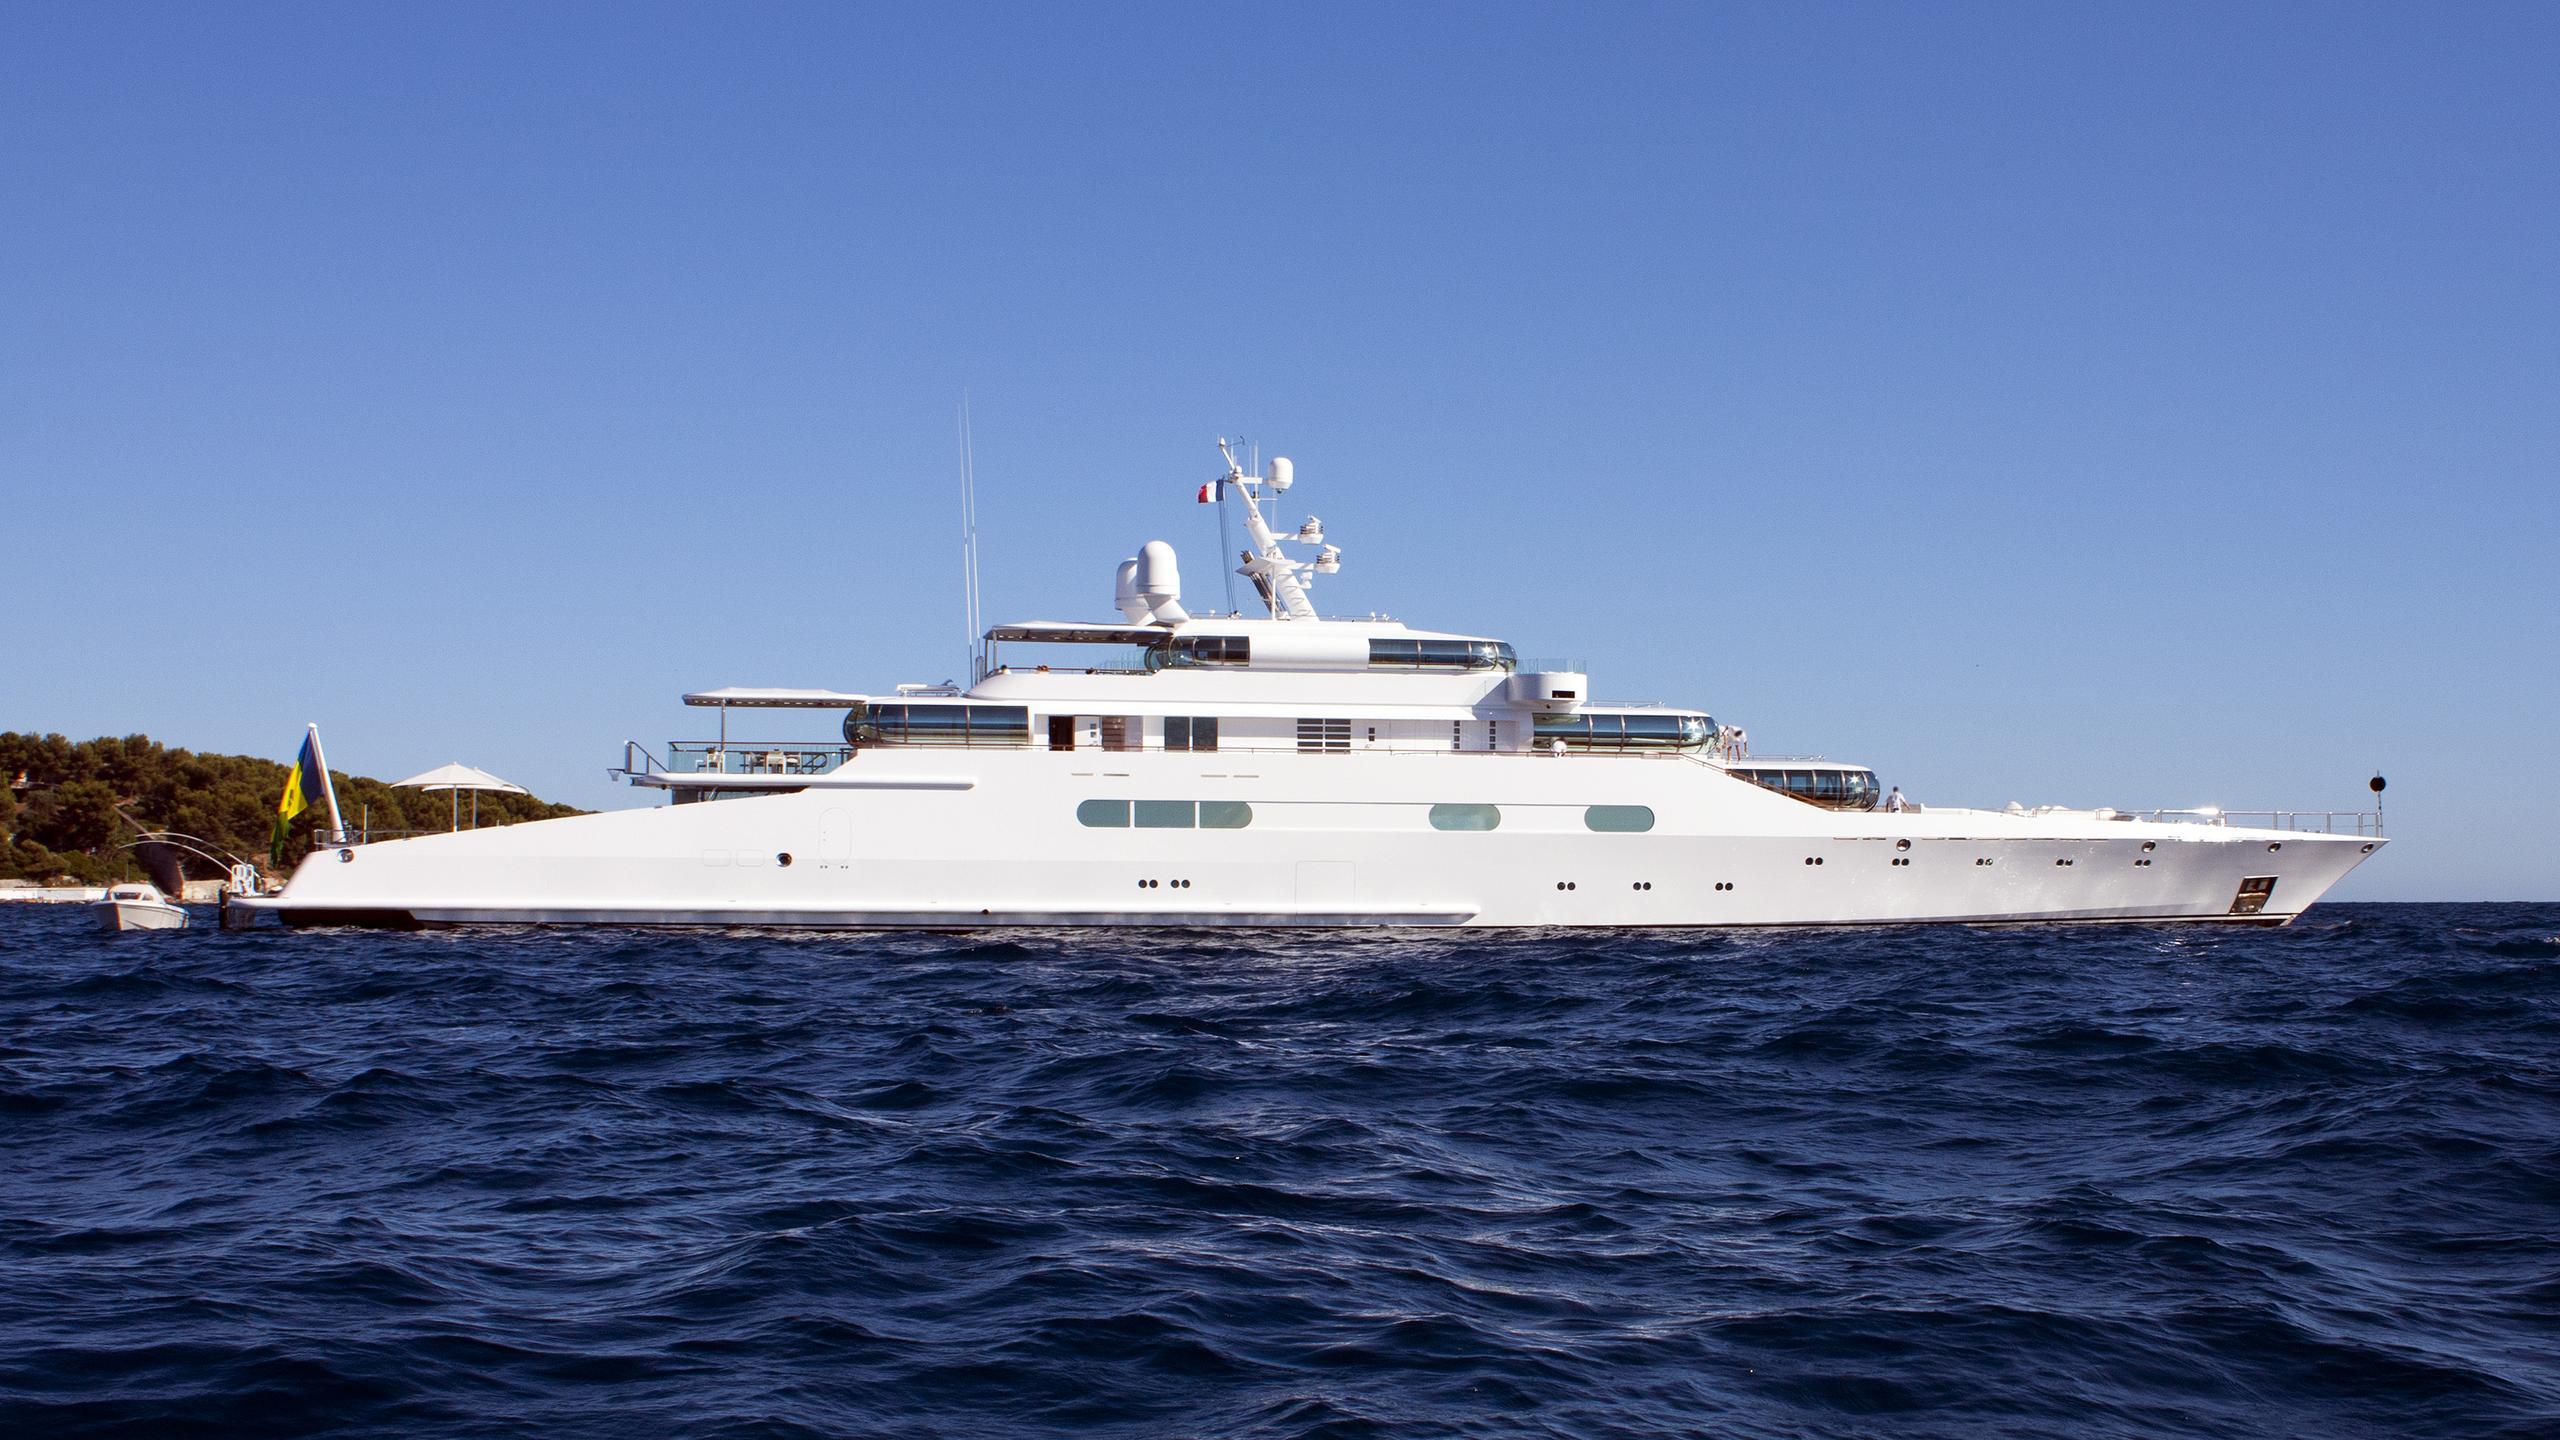 zeus-enigma-motor-yacht-blohm-voss-1991-75m-profile